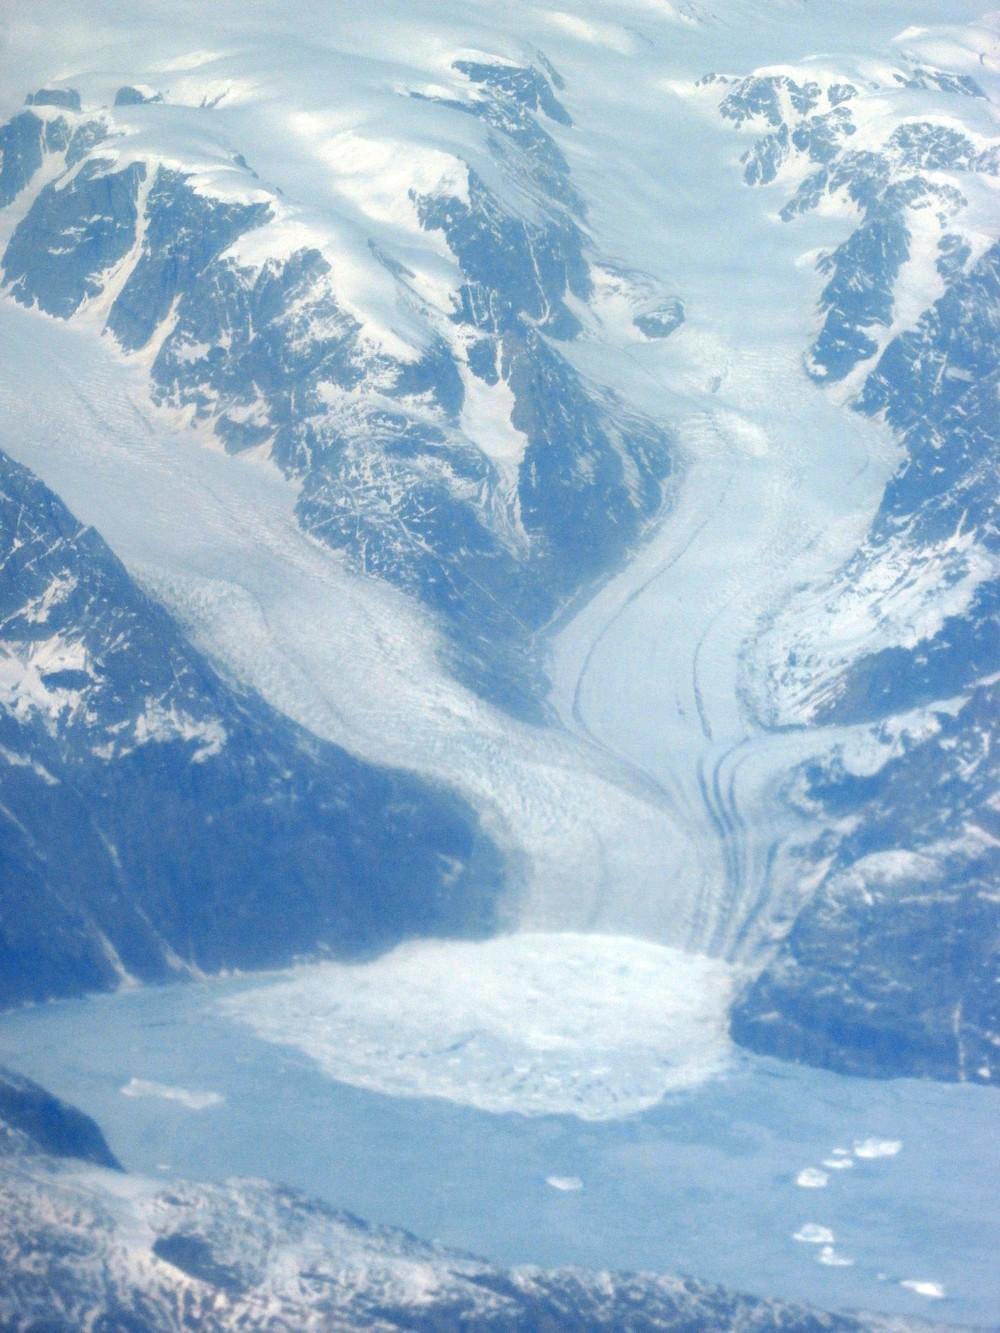 Ešte pred príletom do USA, počas letu nad Grónskom, sa mi podaril tento pozoruhodný úlovok – priam učebnicový exemplár pevninového ľadovca.